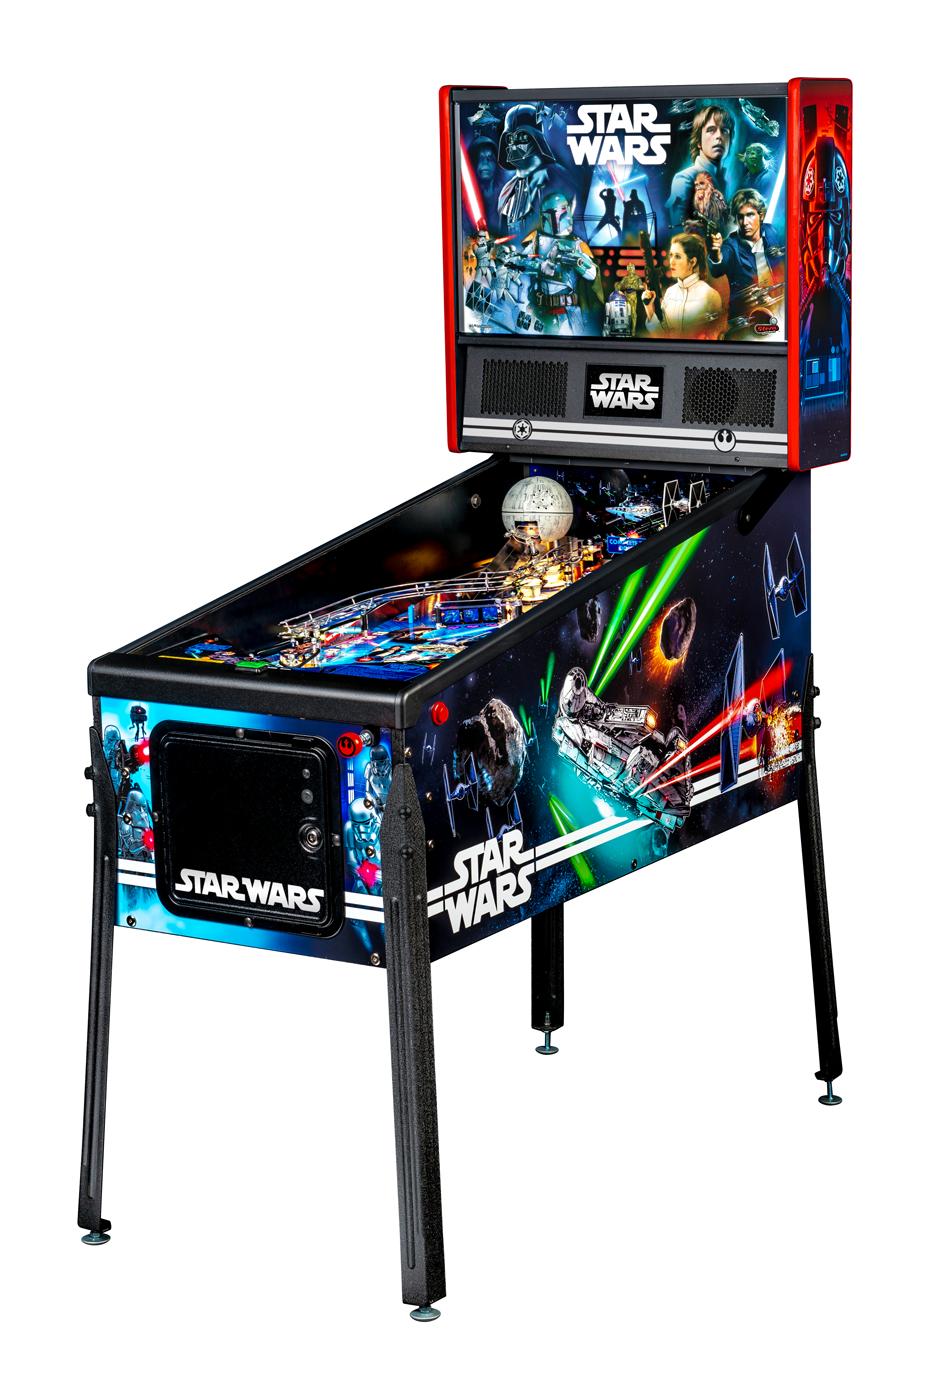 Star_Wars_Pin_Pinball_Machine_02